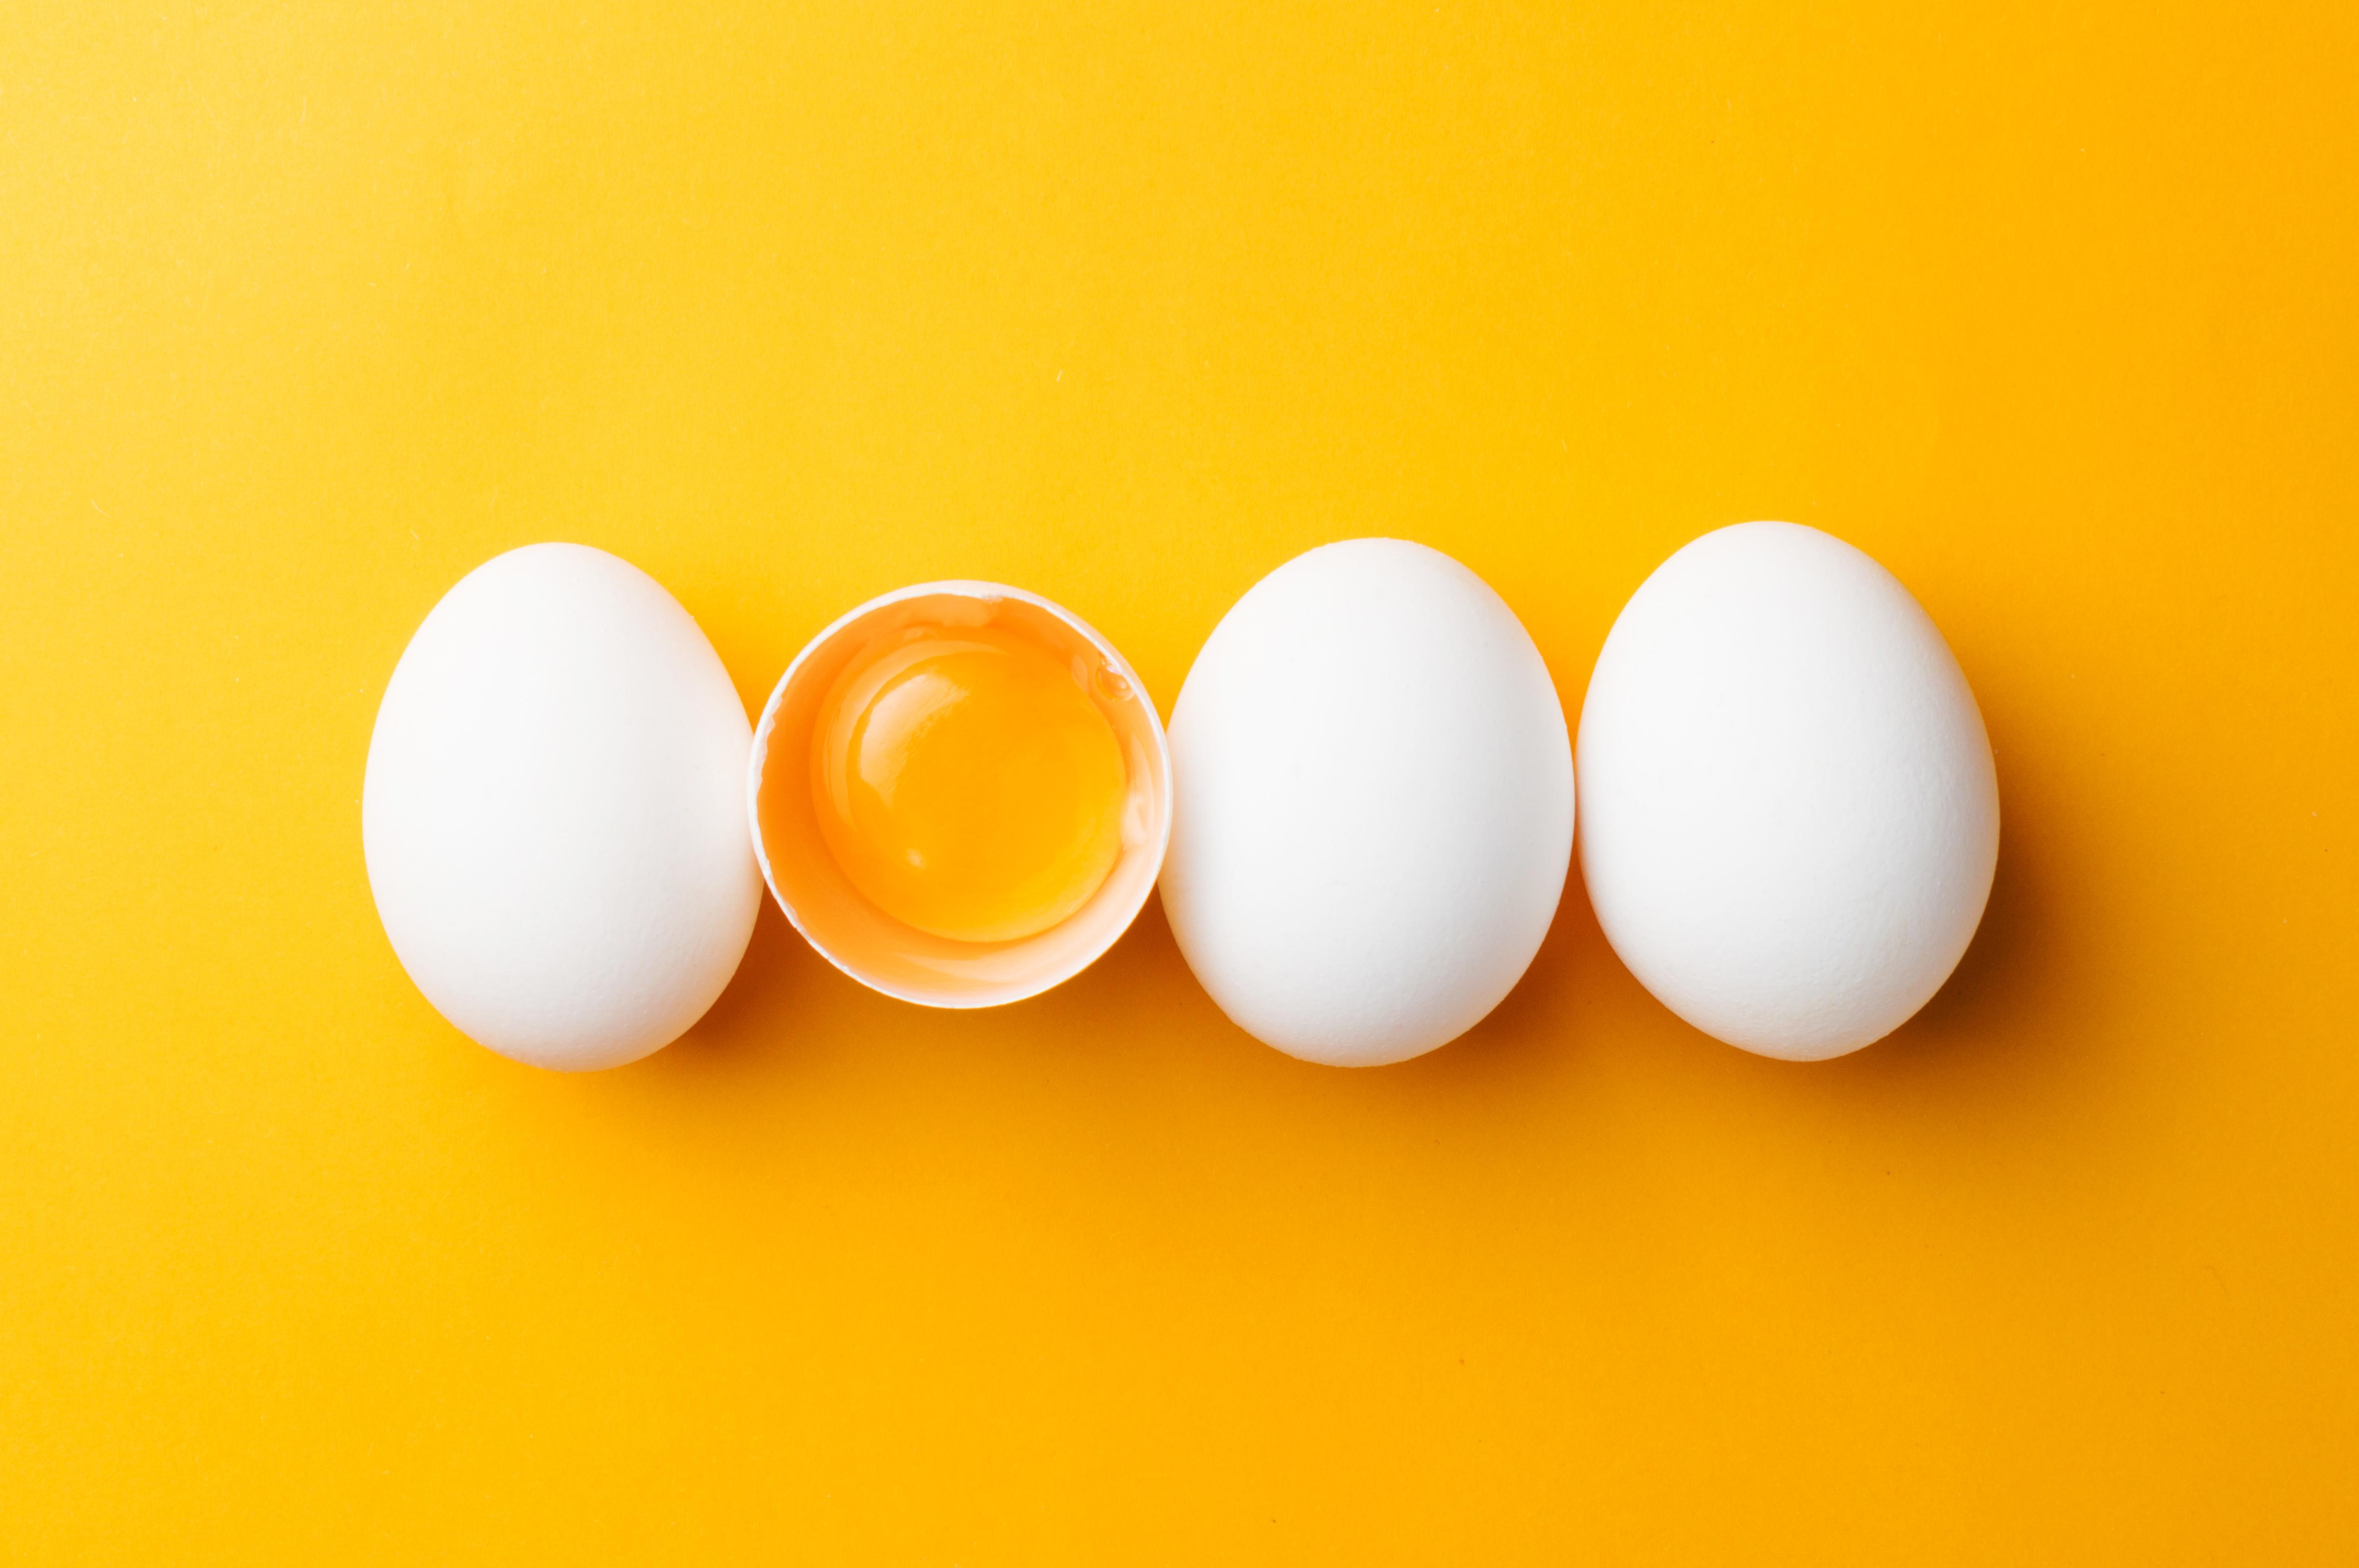 ska ägg flyta eller sjunka